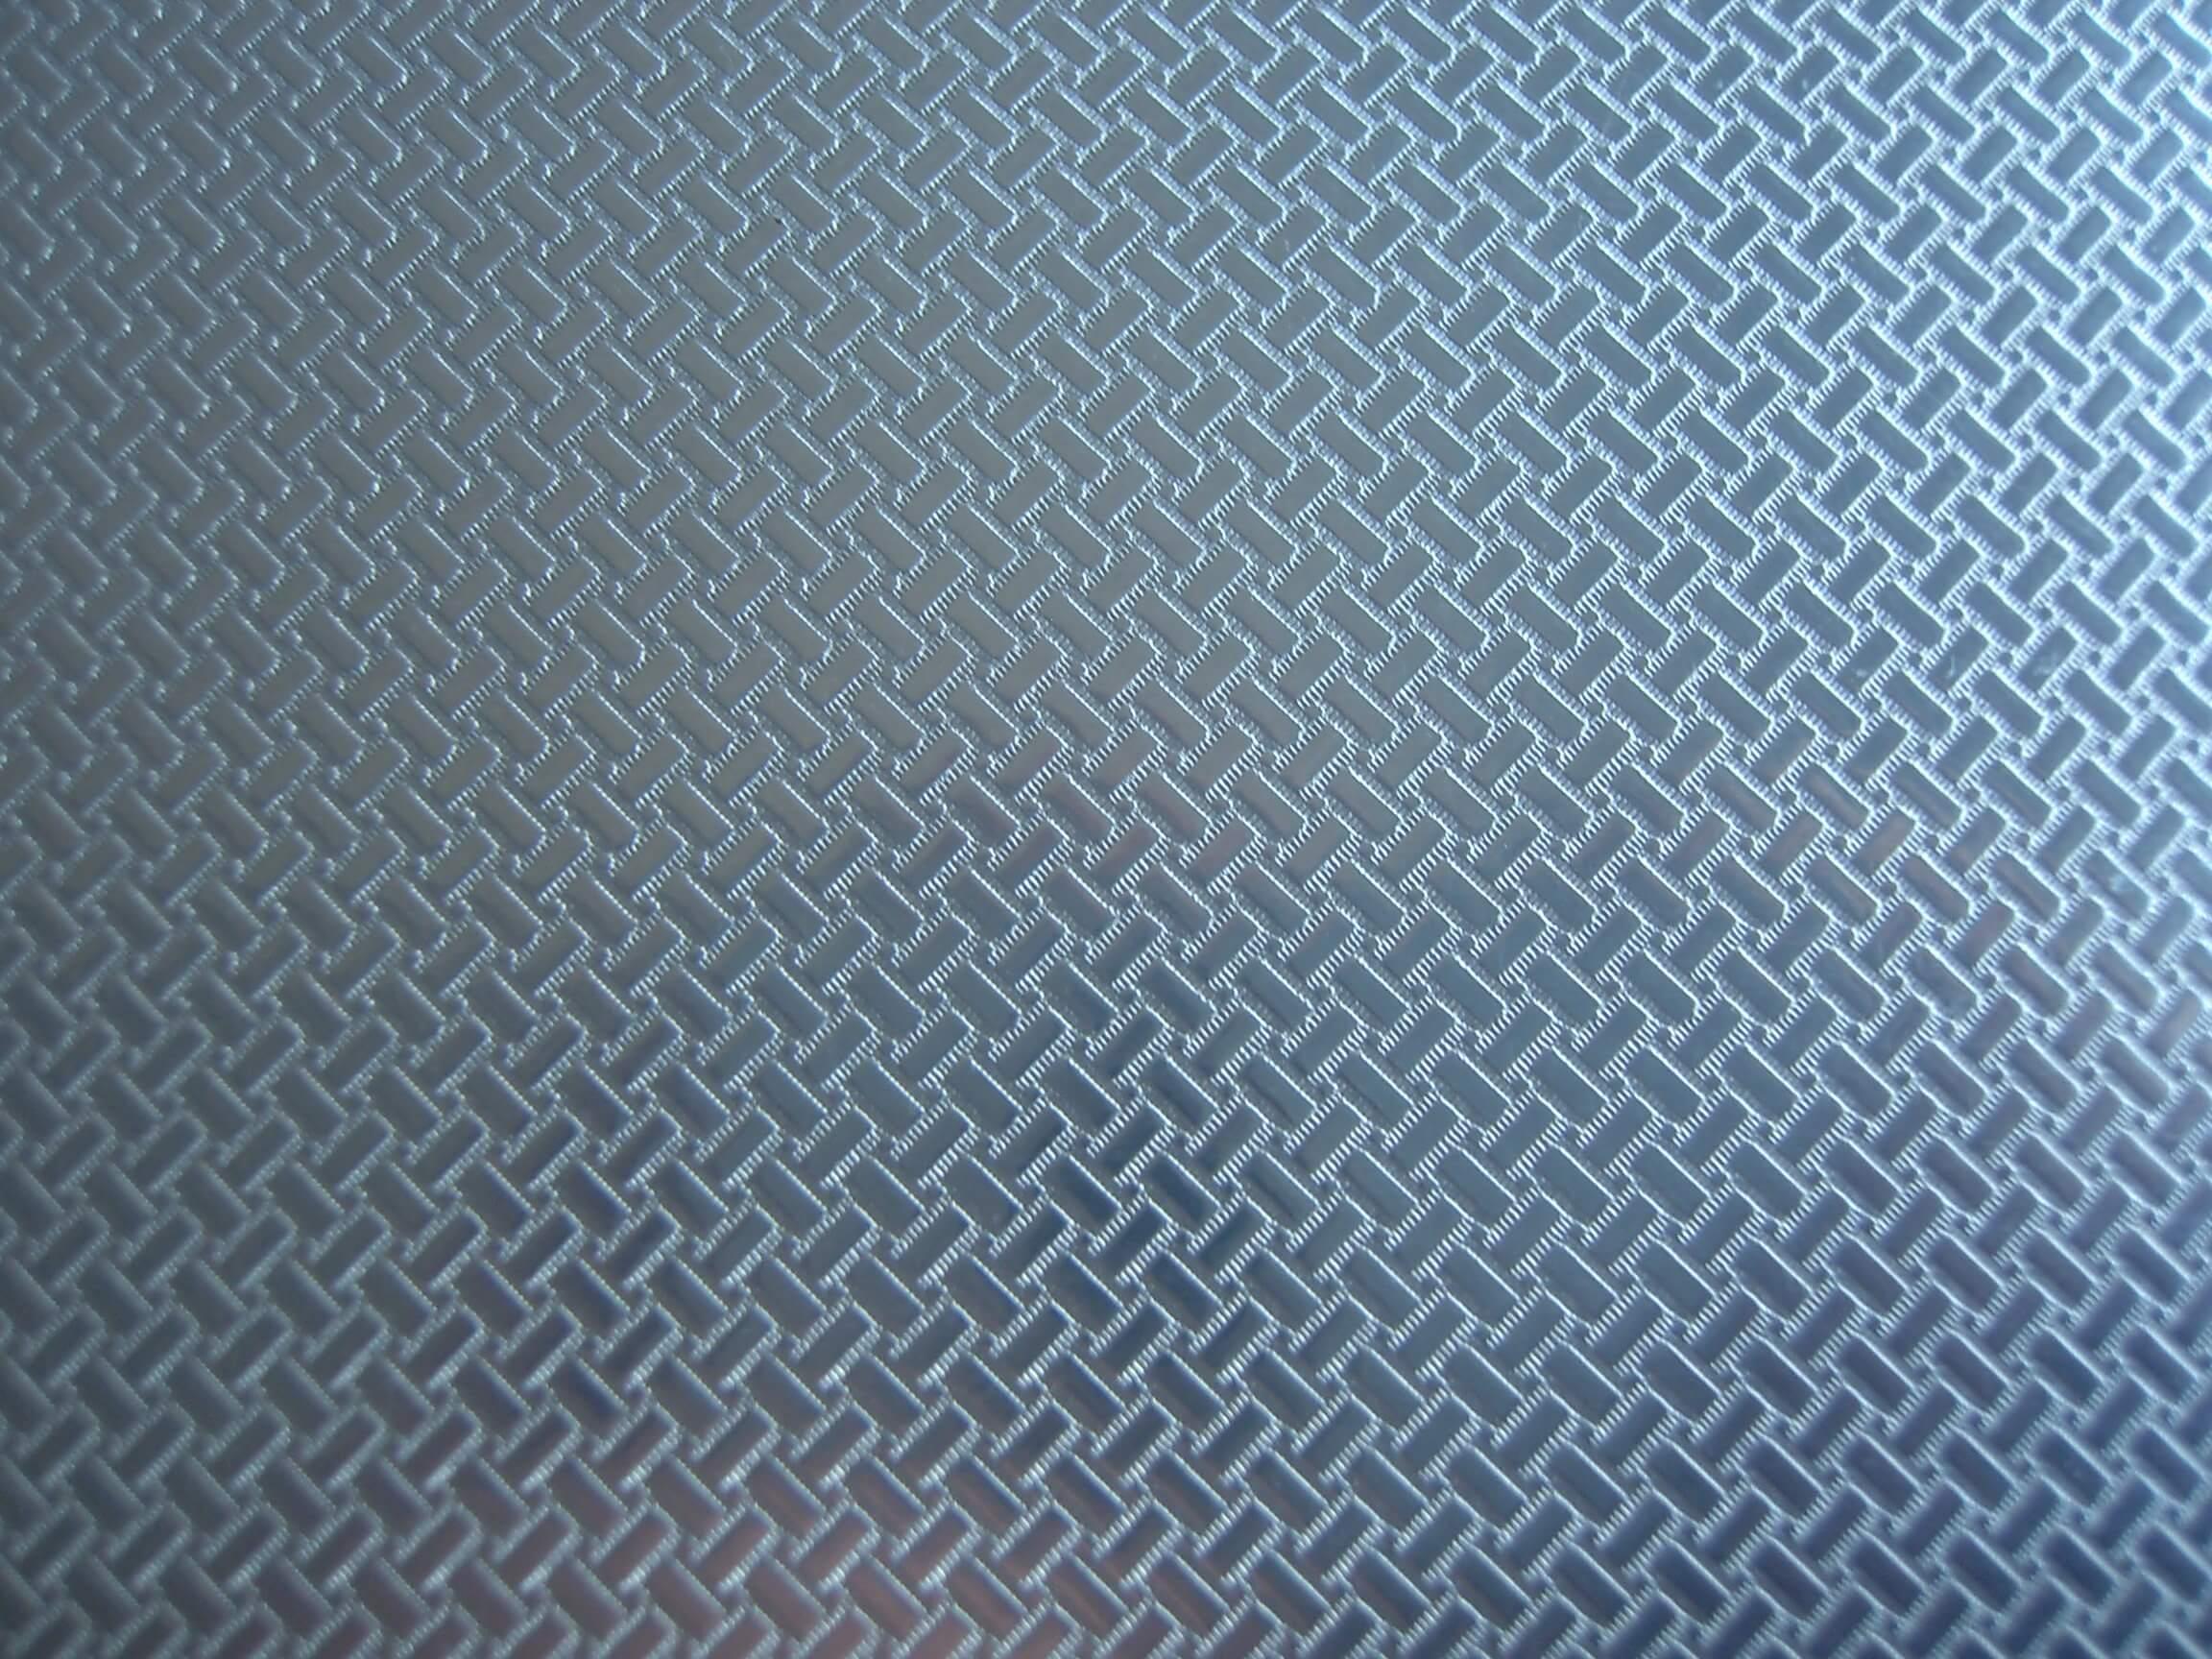 alu riffelblech 1 st ck 500x170x1 2mm wedico 4711 zierbleche bleche material. Black Bedroom Furniture Sets. Home Design Ideas